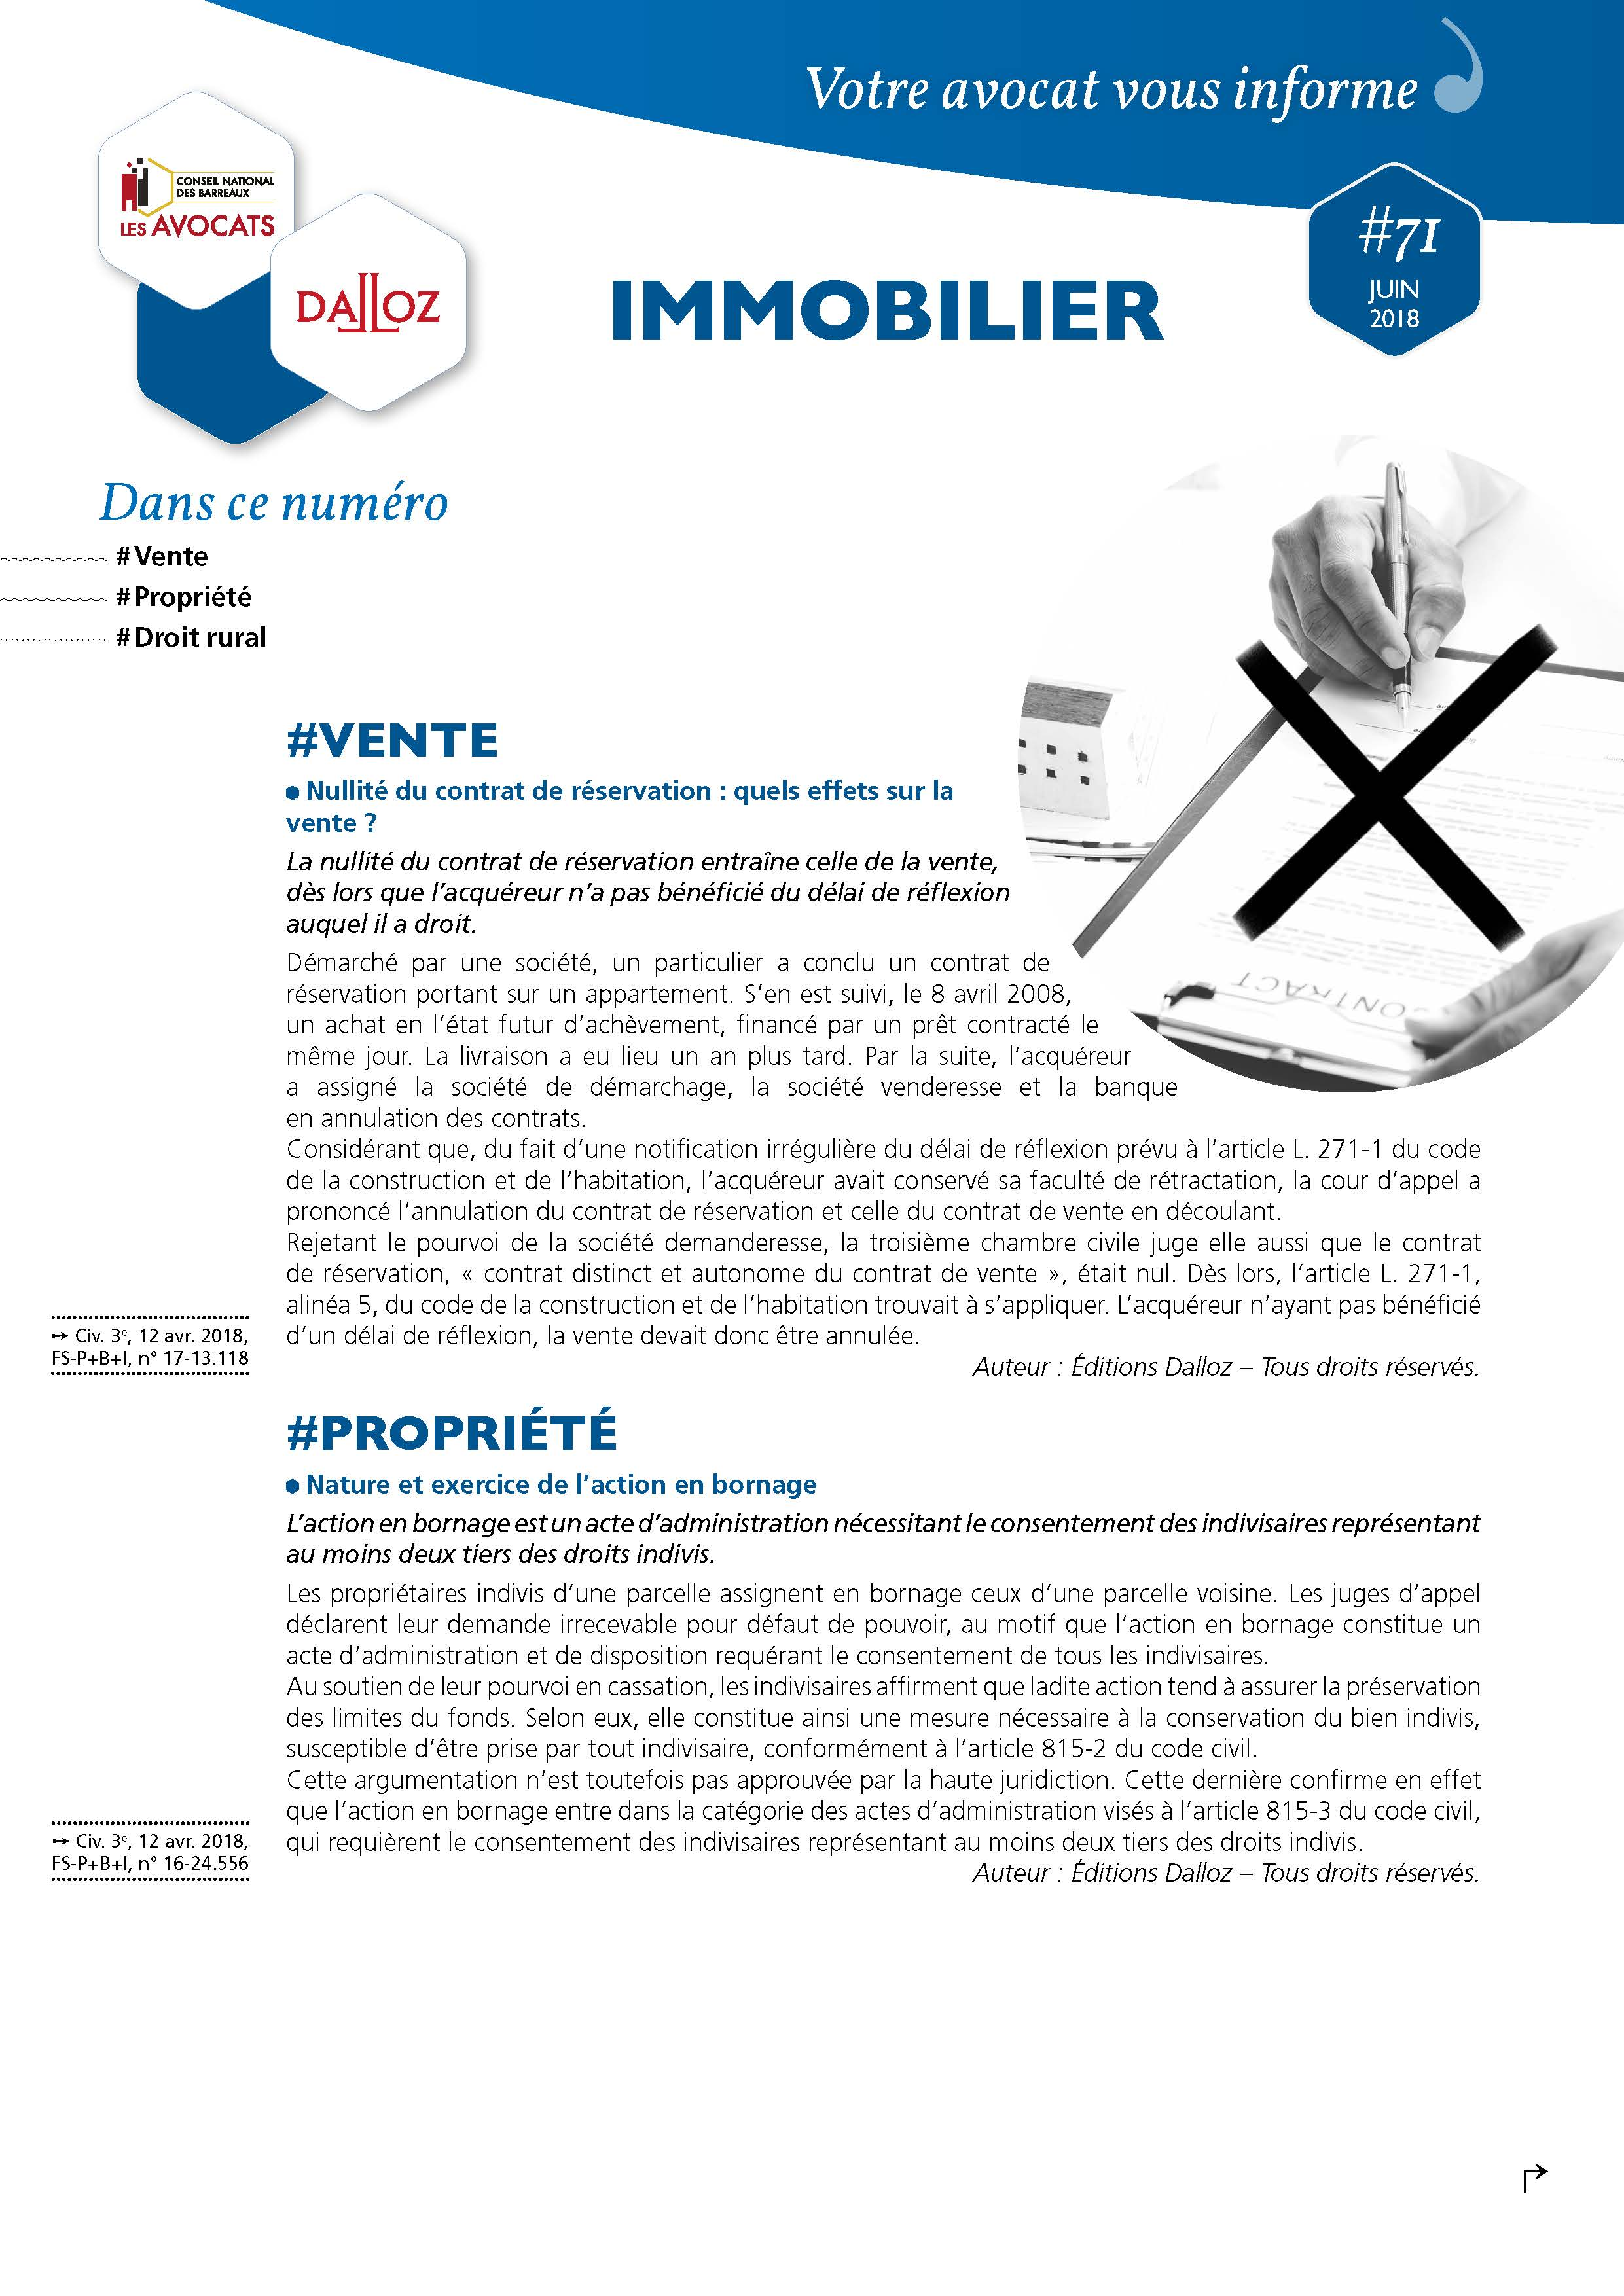 Newsletter-Immobilier